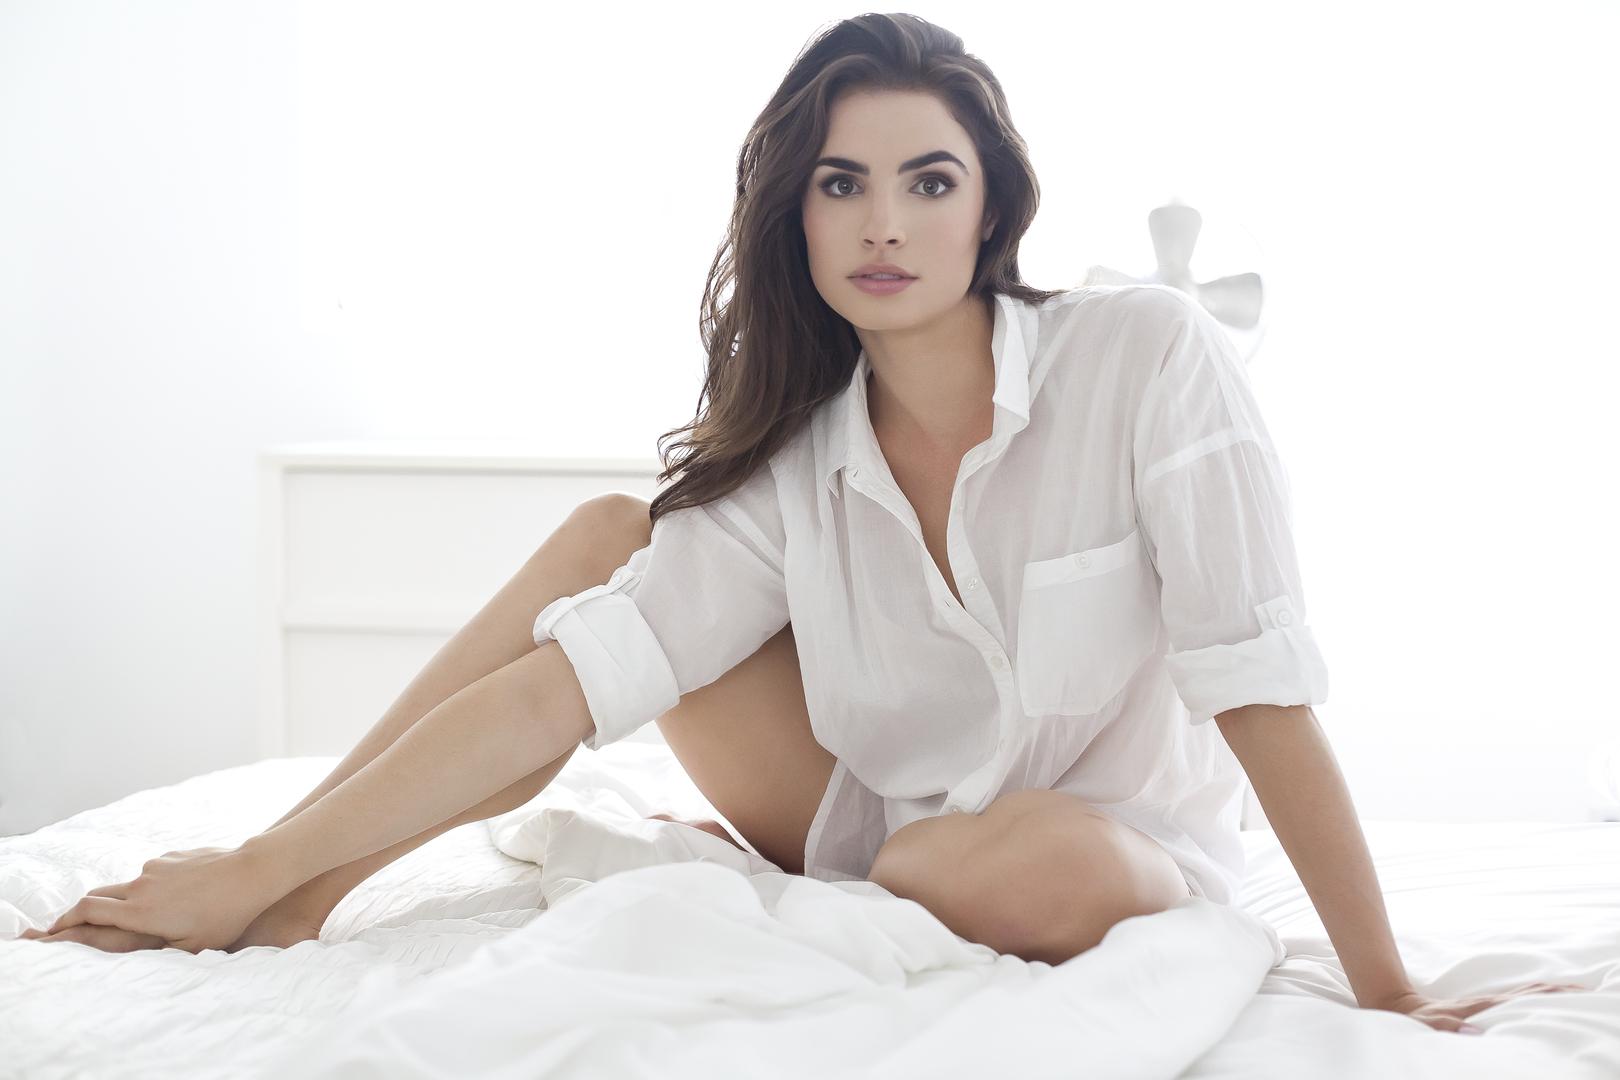 Hilty Bowen en chemise transparente